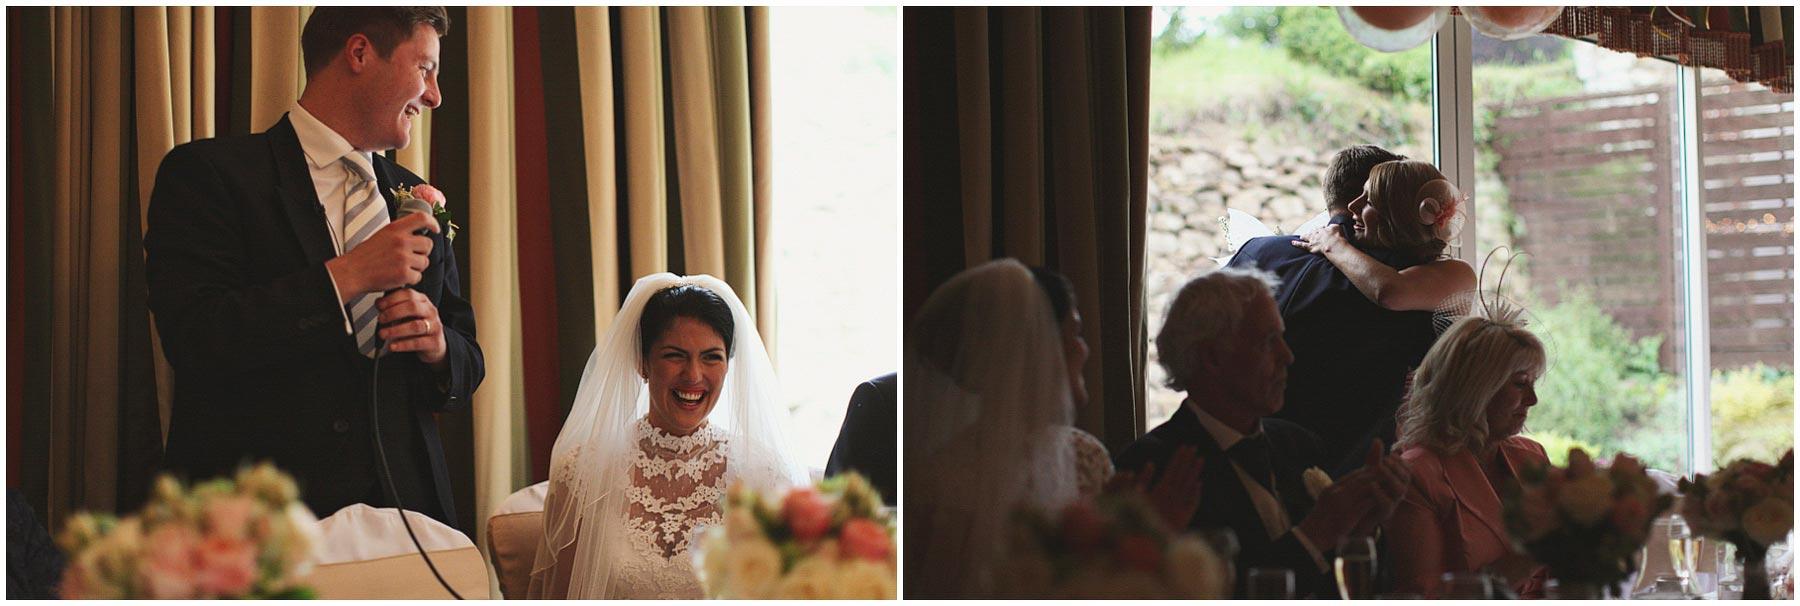 Wentbridge-House-Wedding-Photography-113